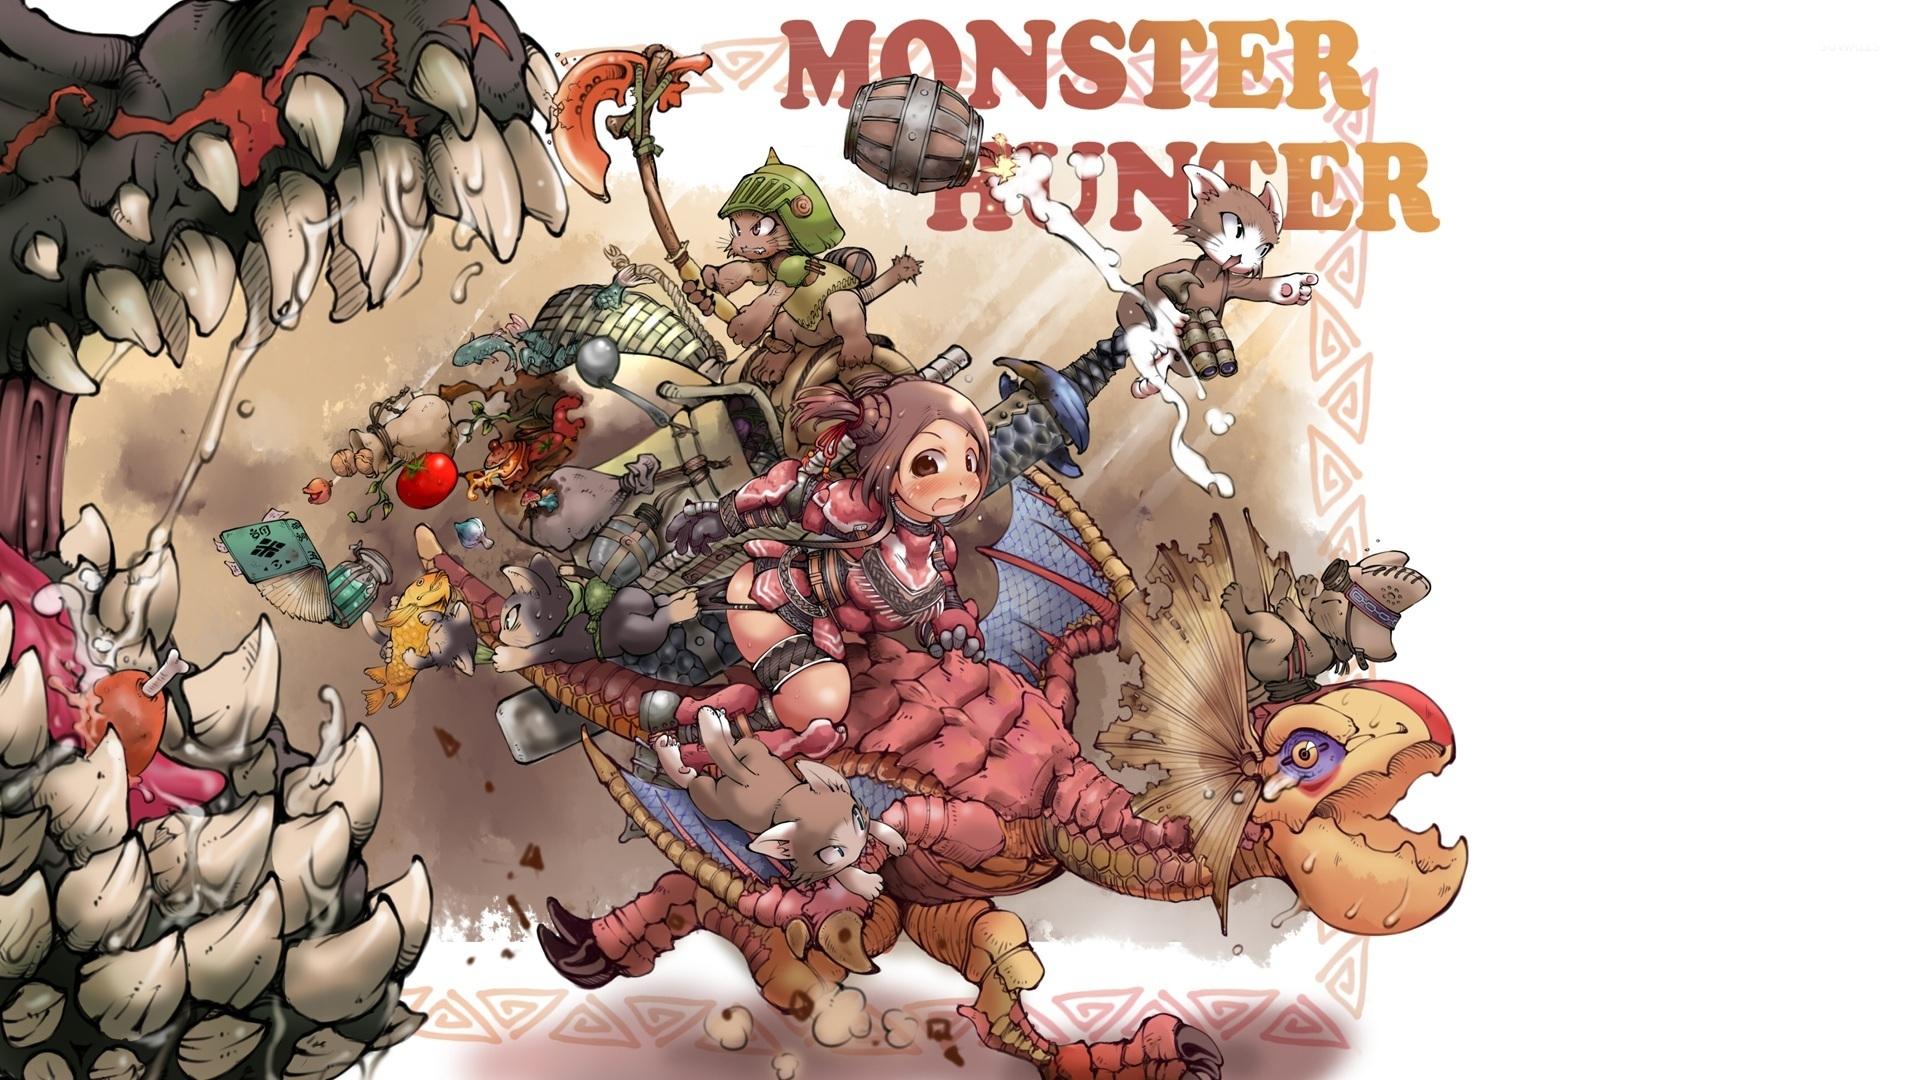 Monster Hunter 4 Wallpaper Game Wallpapers 29122